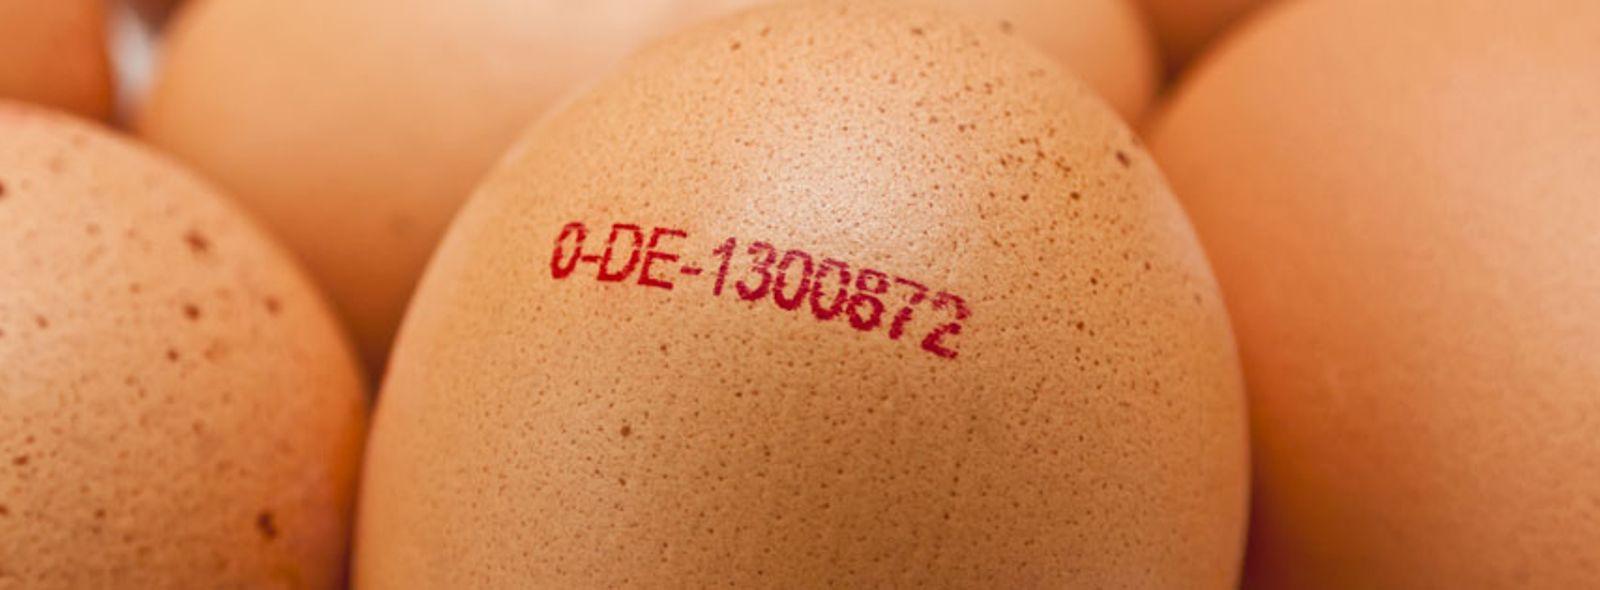 Come si legge il codice delle uova